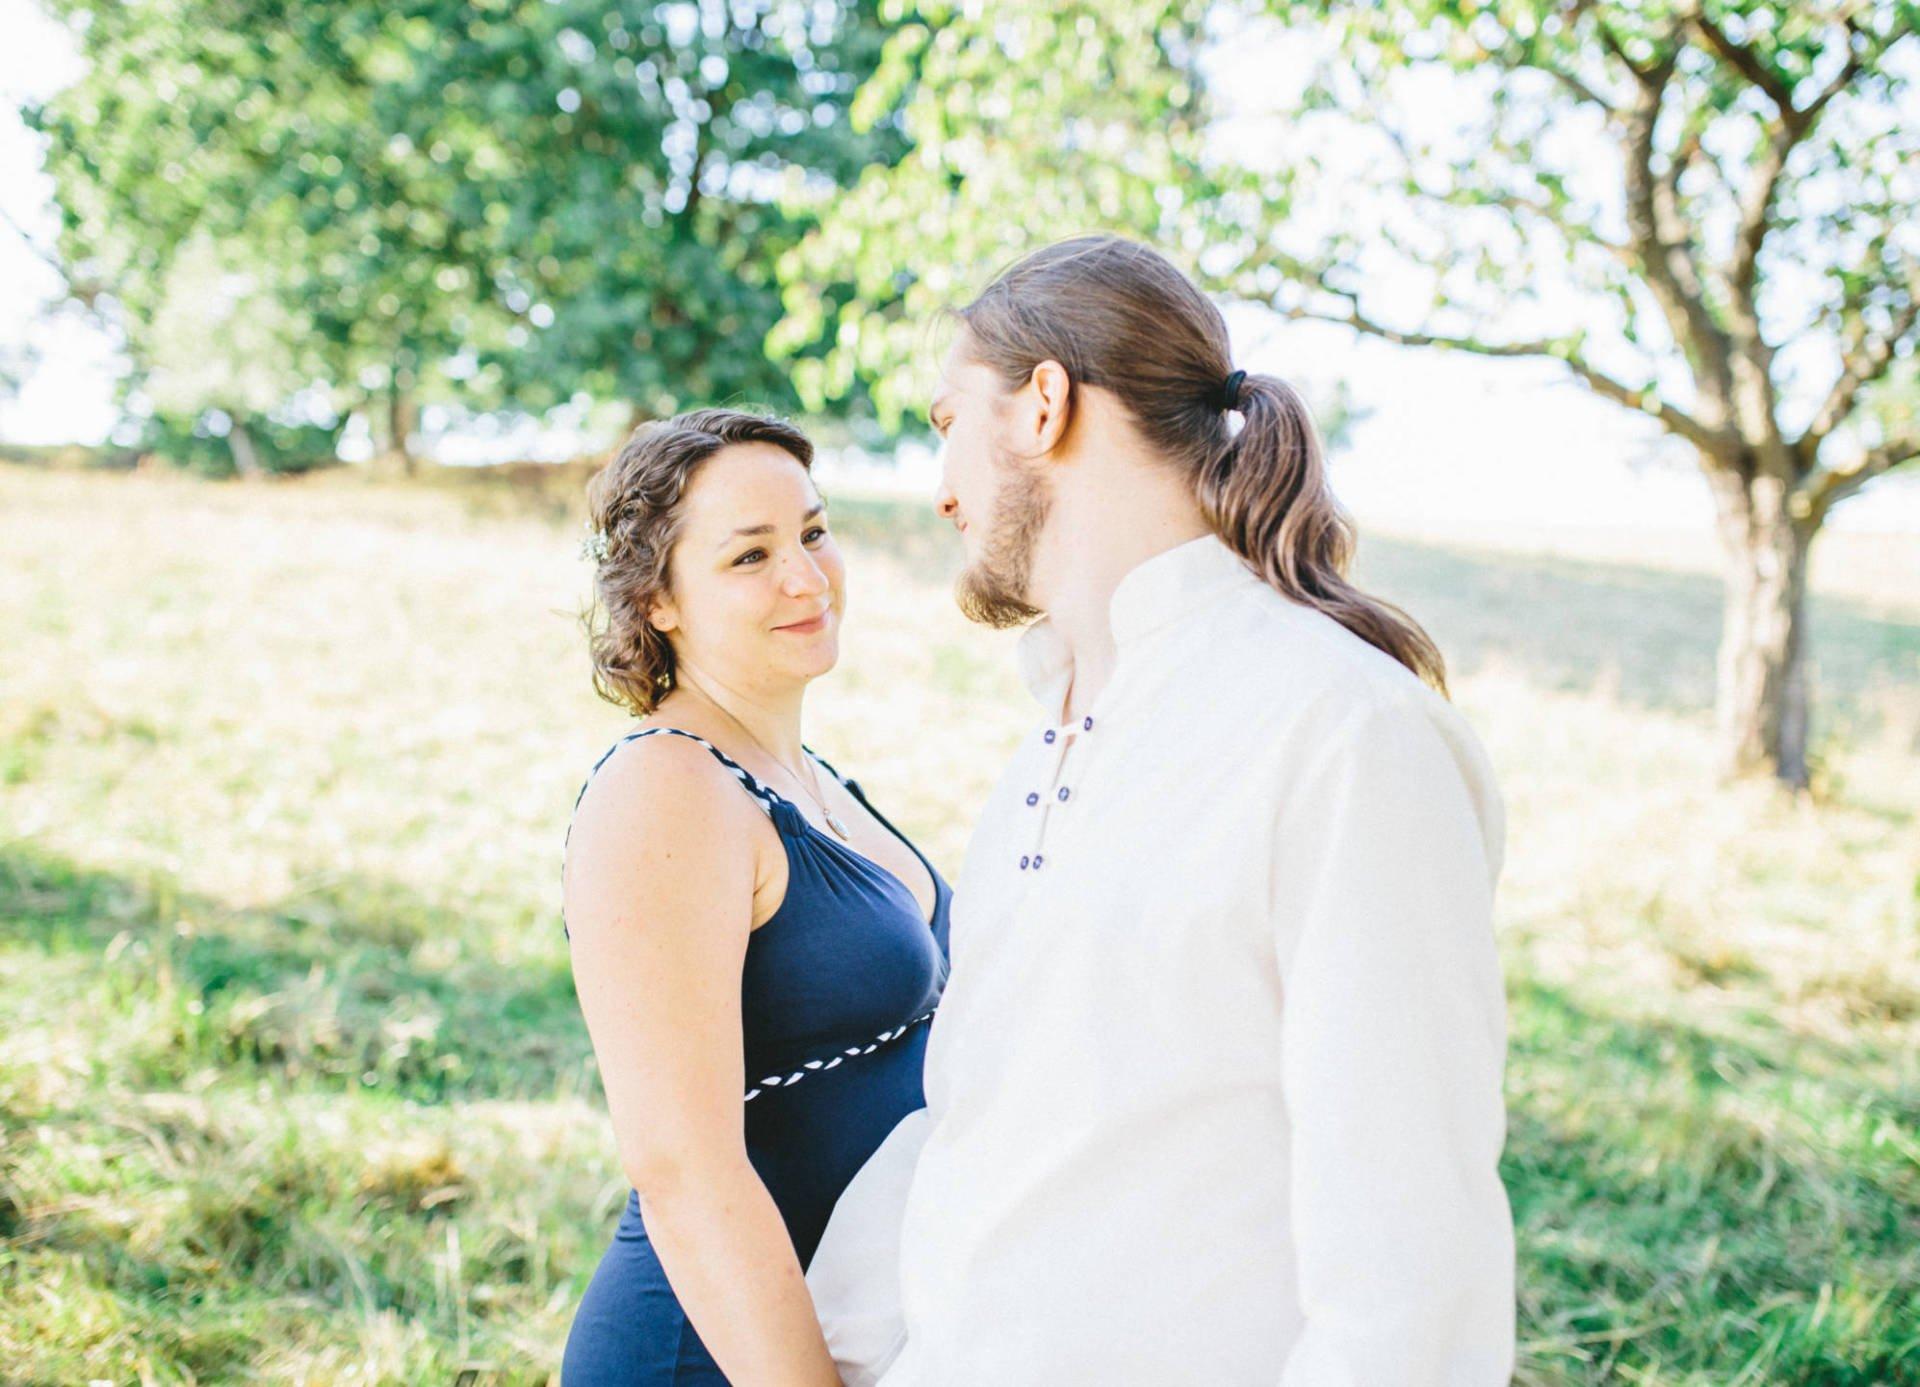 Hochzeitsreportage | Hochzeit in Kreuzgewölbe Schöngleina | 26